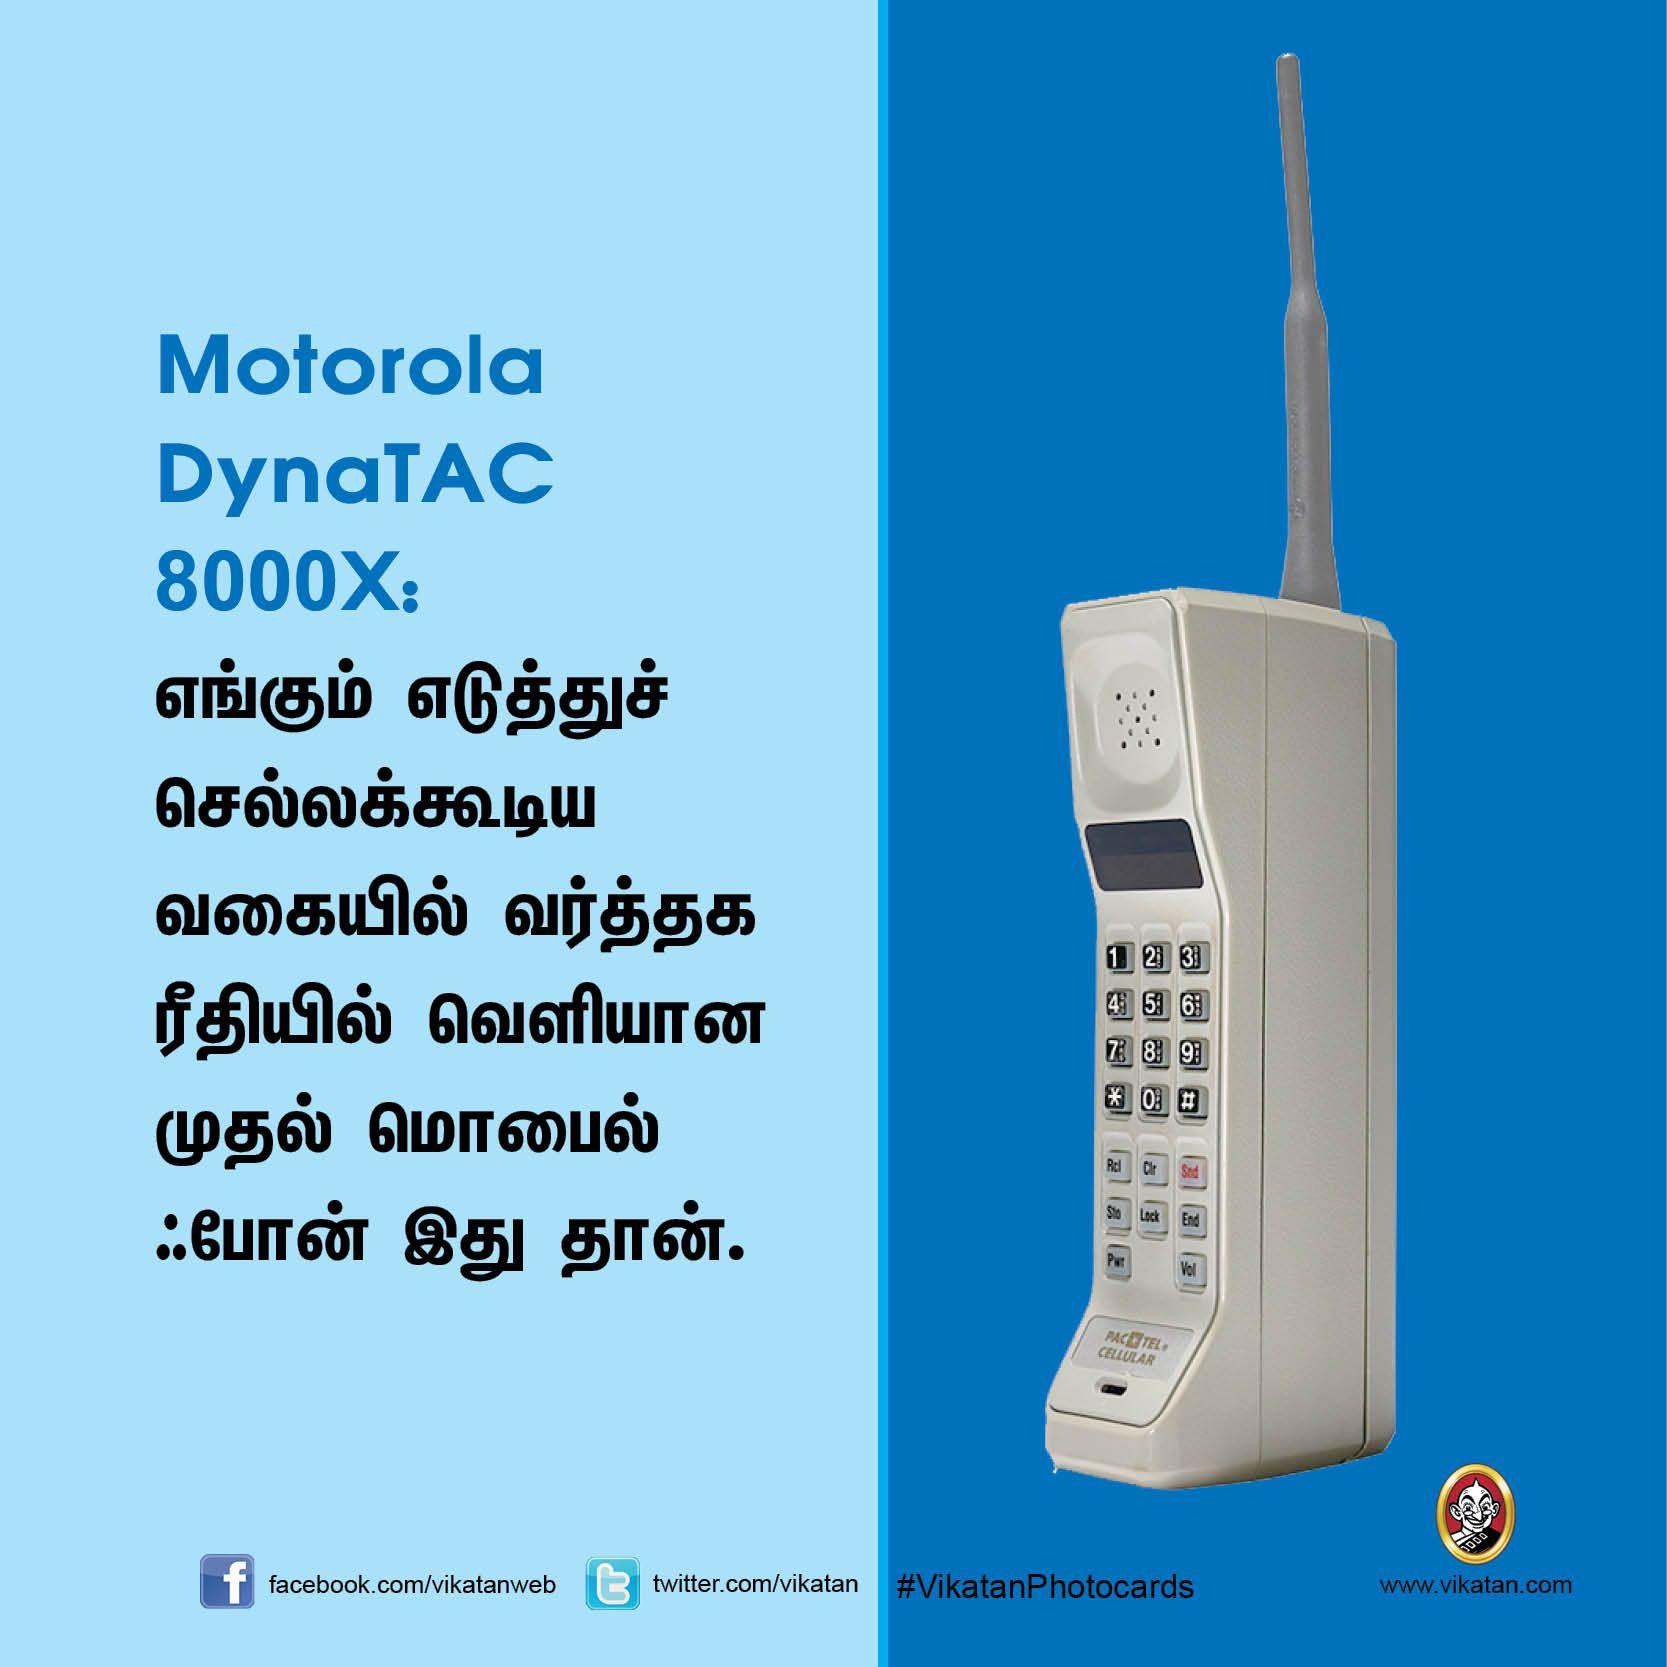 முதல் டச் ஸ்க்ரீன்... முதல் ஸ்மார்ட்போன்... அதிகம் விற்ற மொபைல்..! #EvolutionOfMobilePhones #VikatanPhotoCards